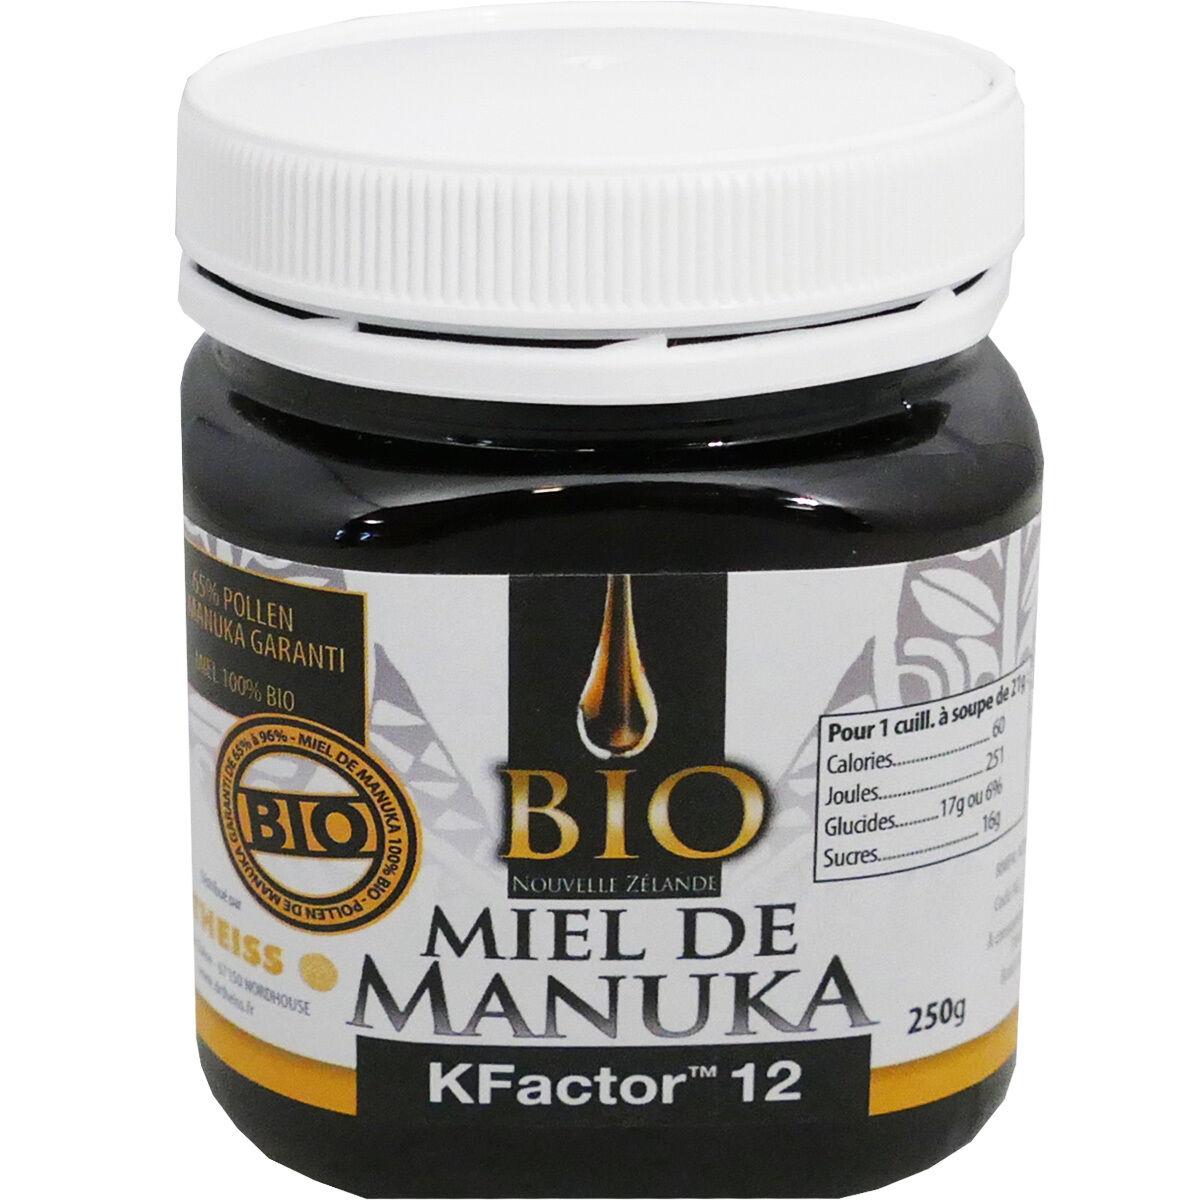 DR. THEISS Dr.theiss bio miel de manuka 250 g kfactor 12